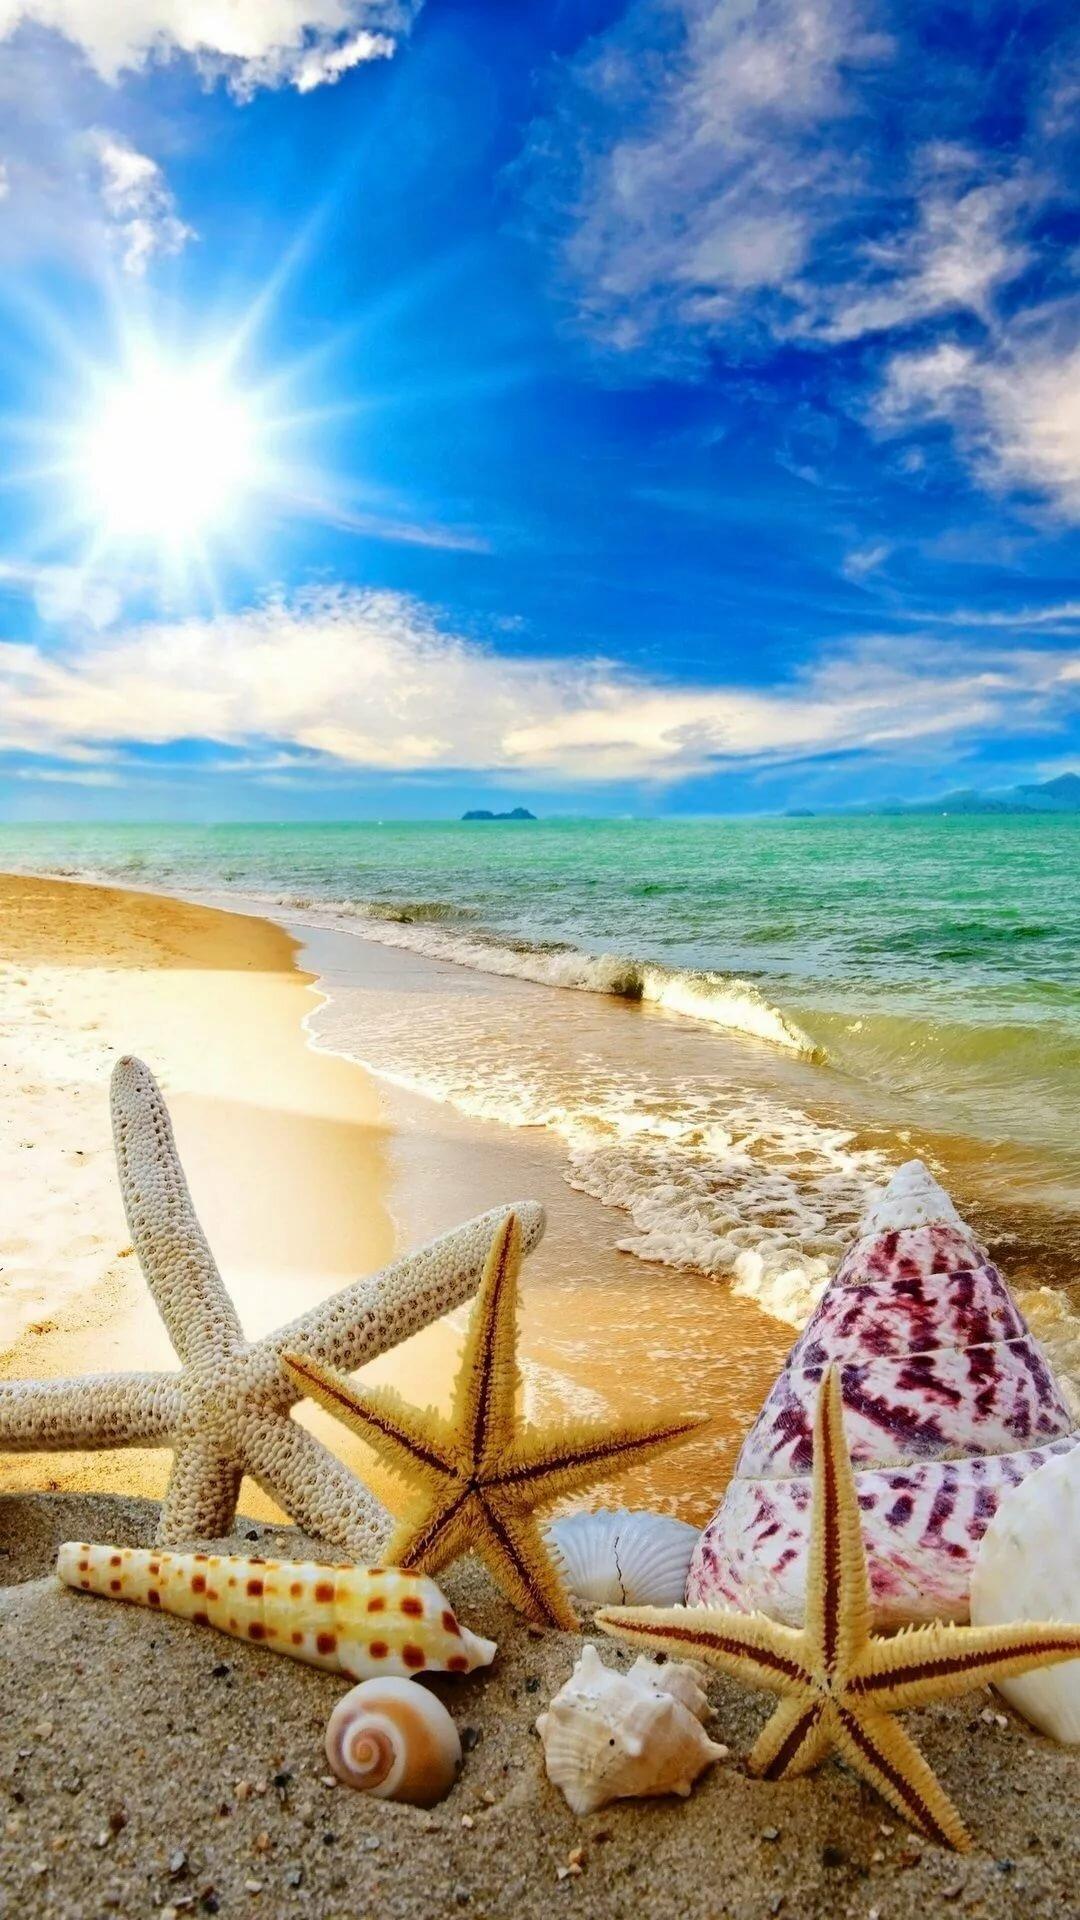 Картинки море красивые на телефон, для открытки осени